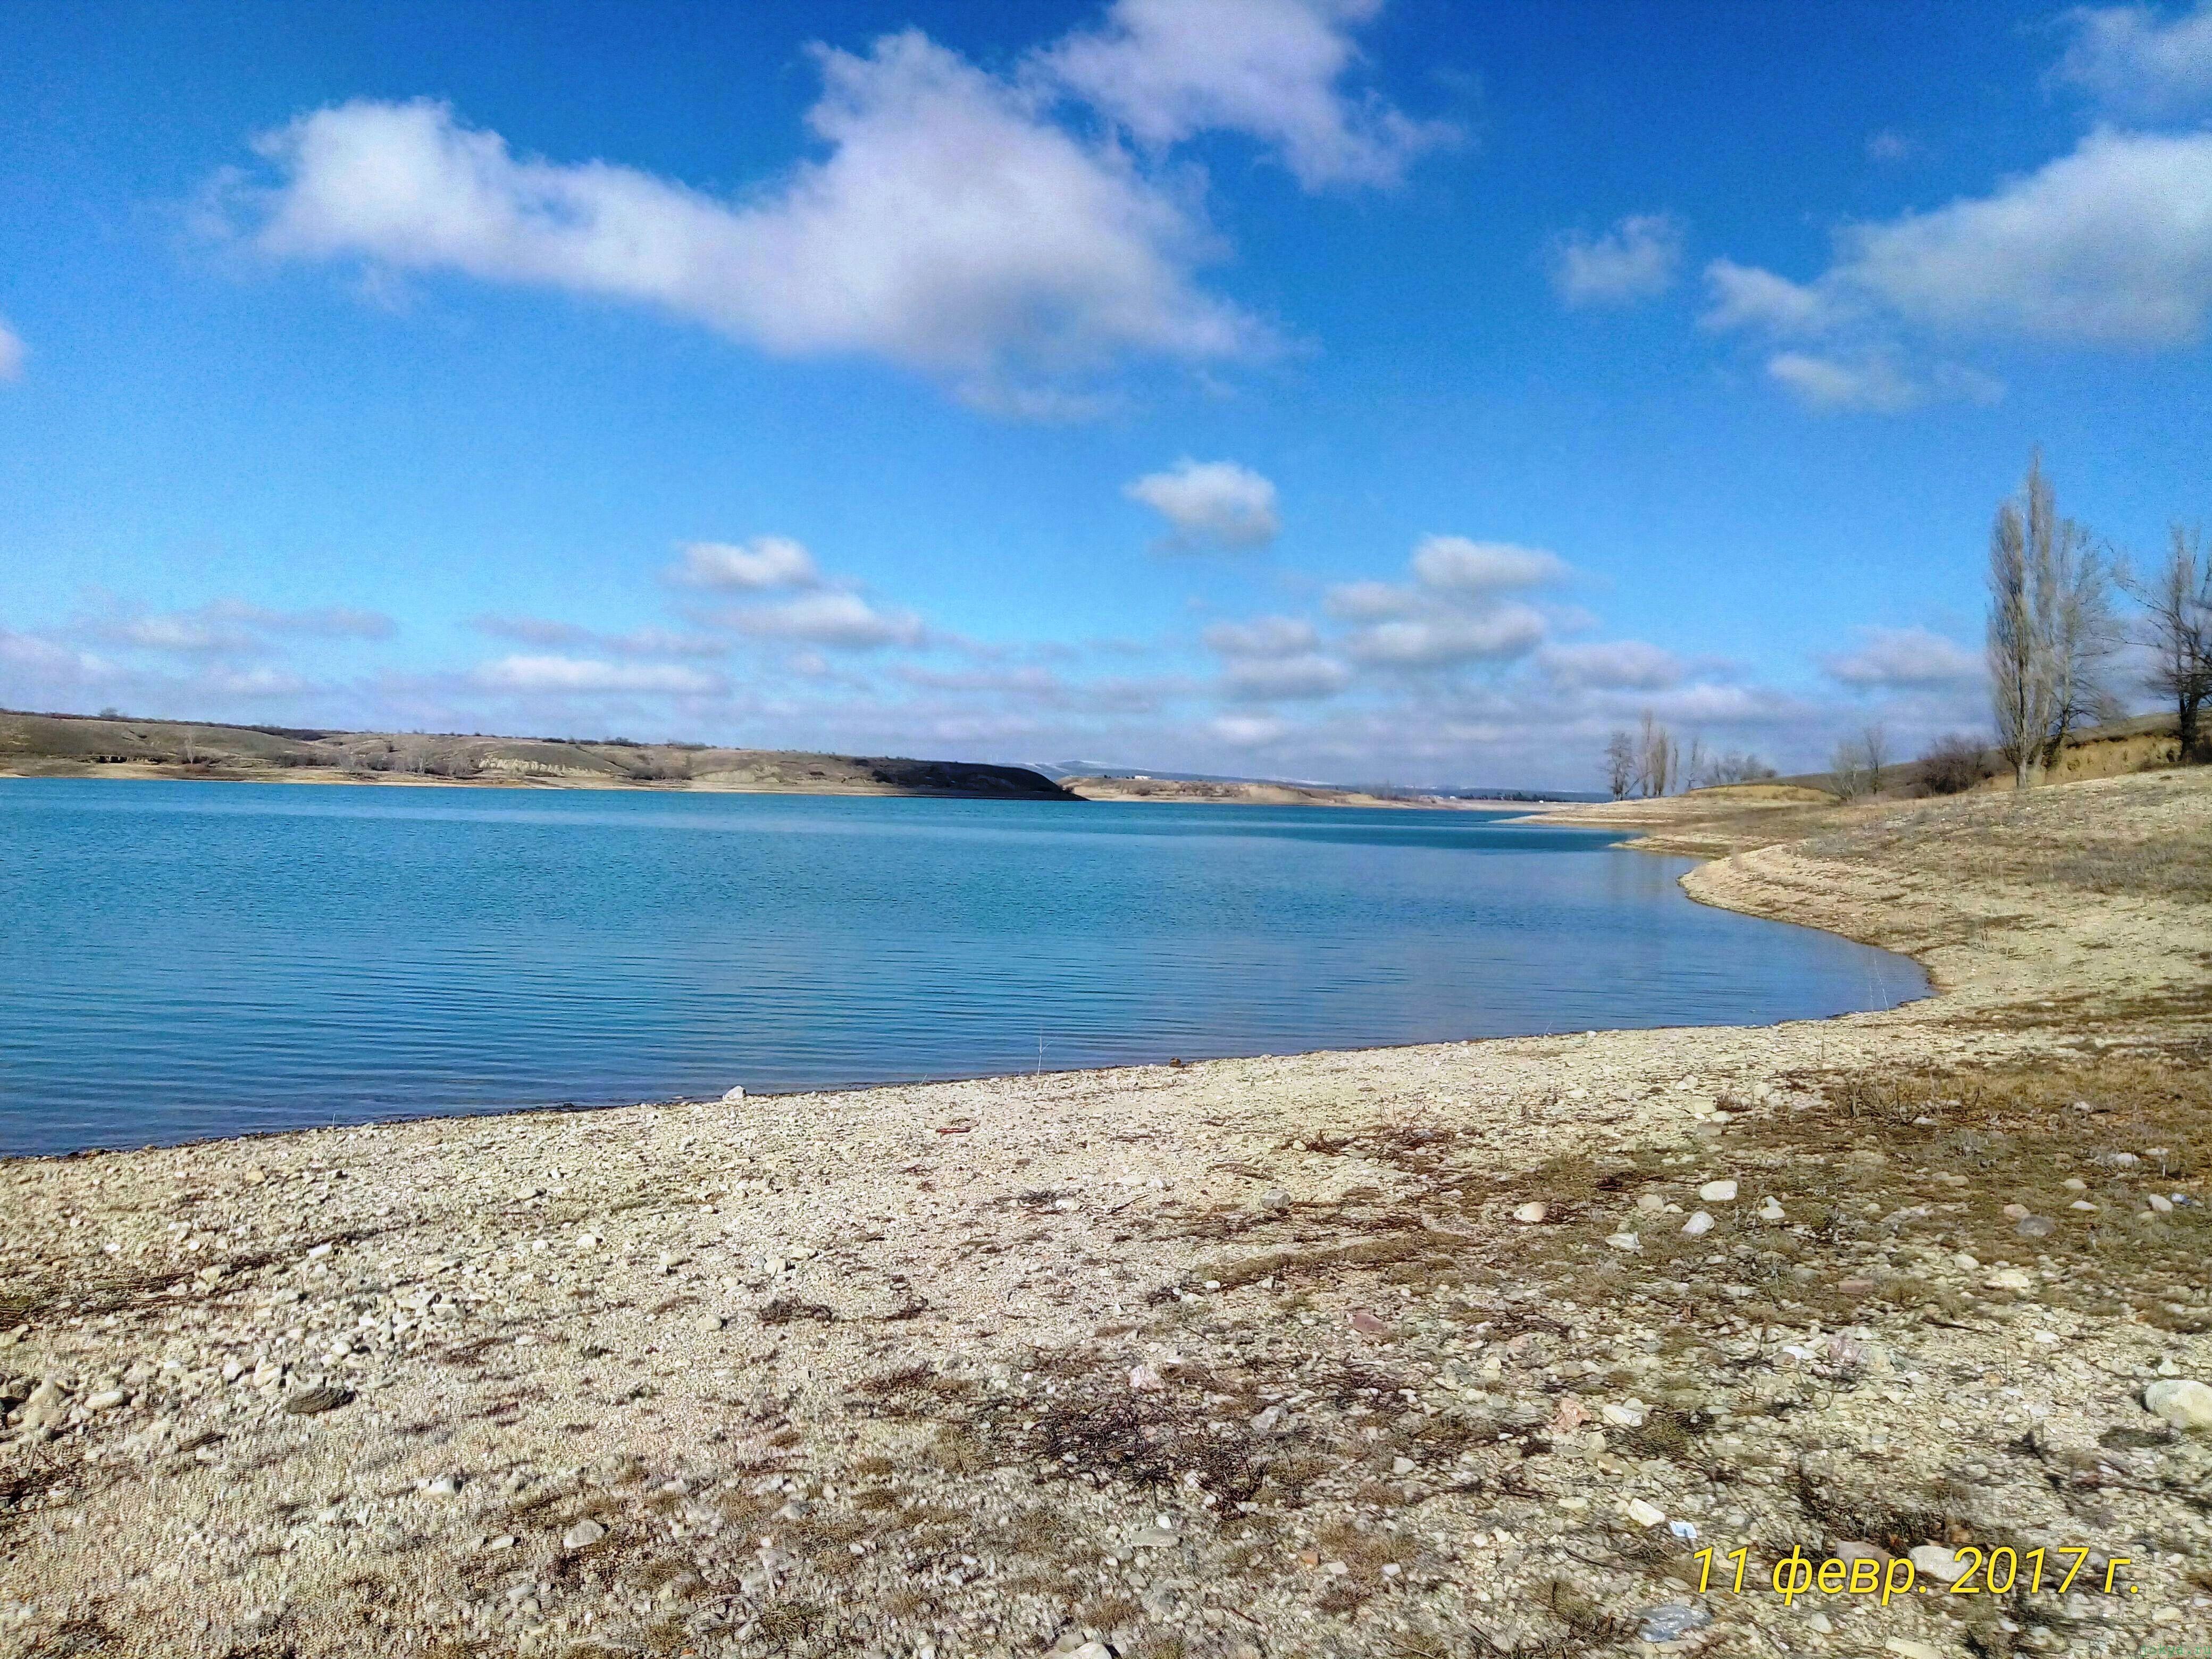 Где порыбачить в марте: Белогорск прогноз рыбалки фото заметка о моей реальности в Крыму